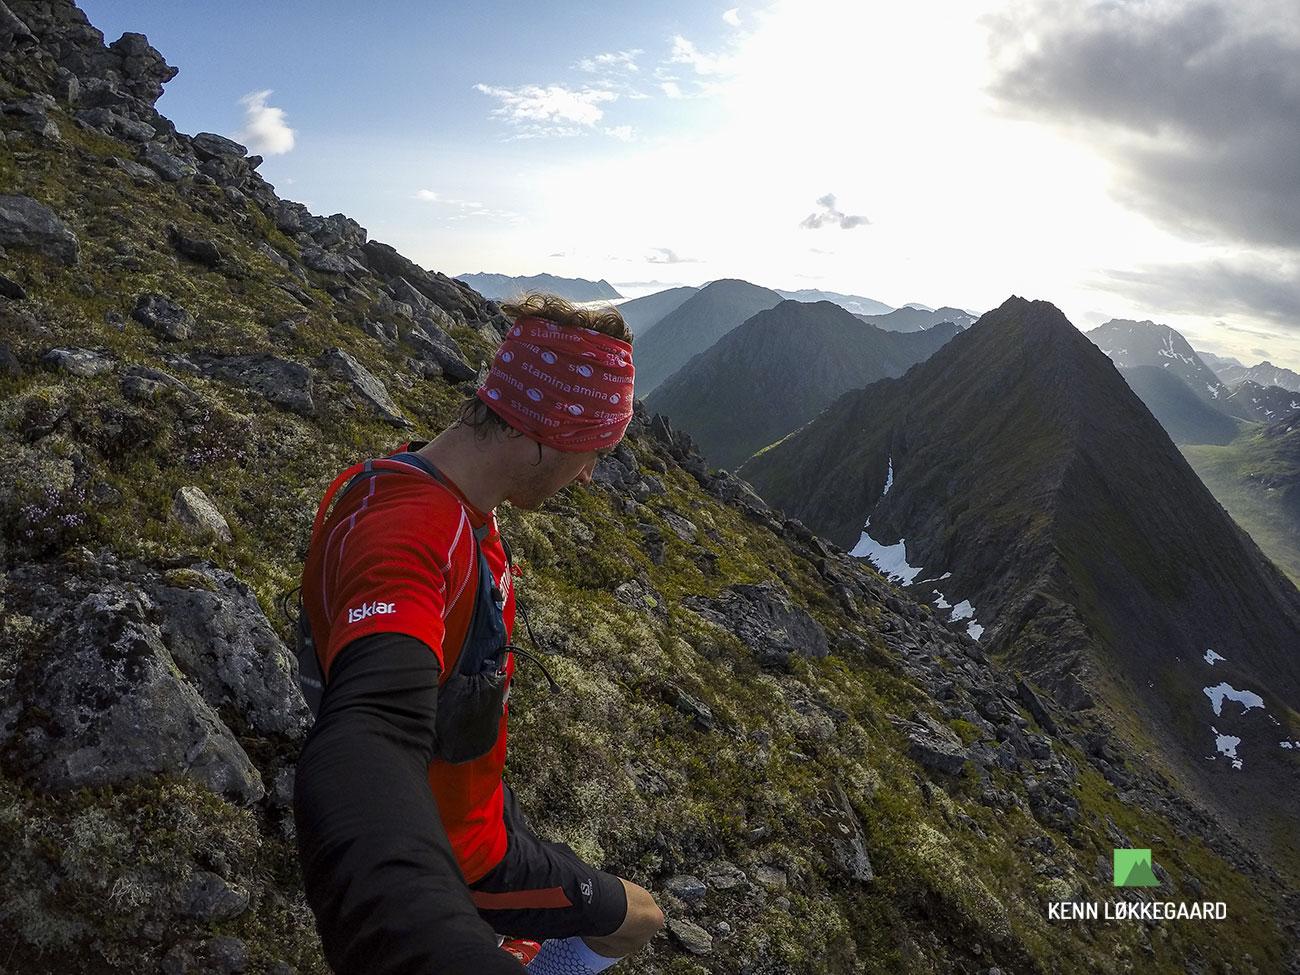 Planlægger nyt bjerg eventyr på Hinnøya